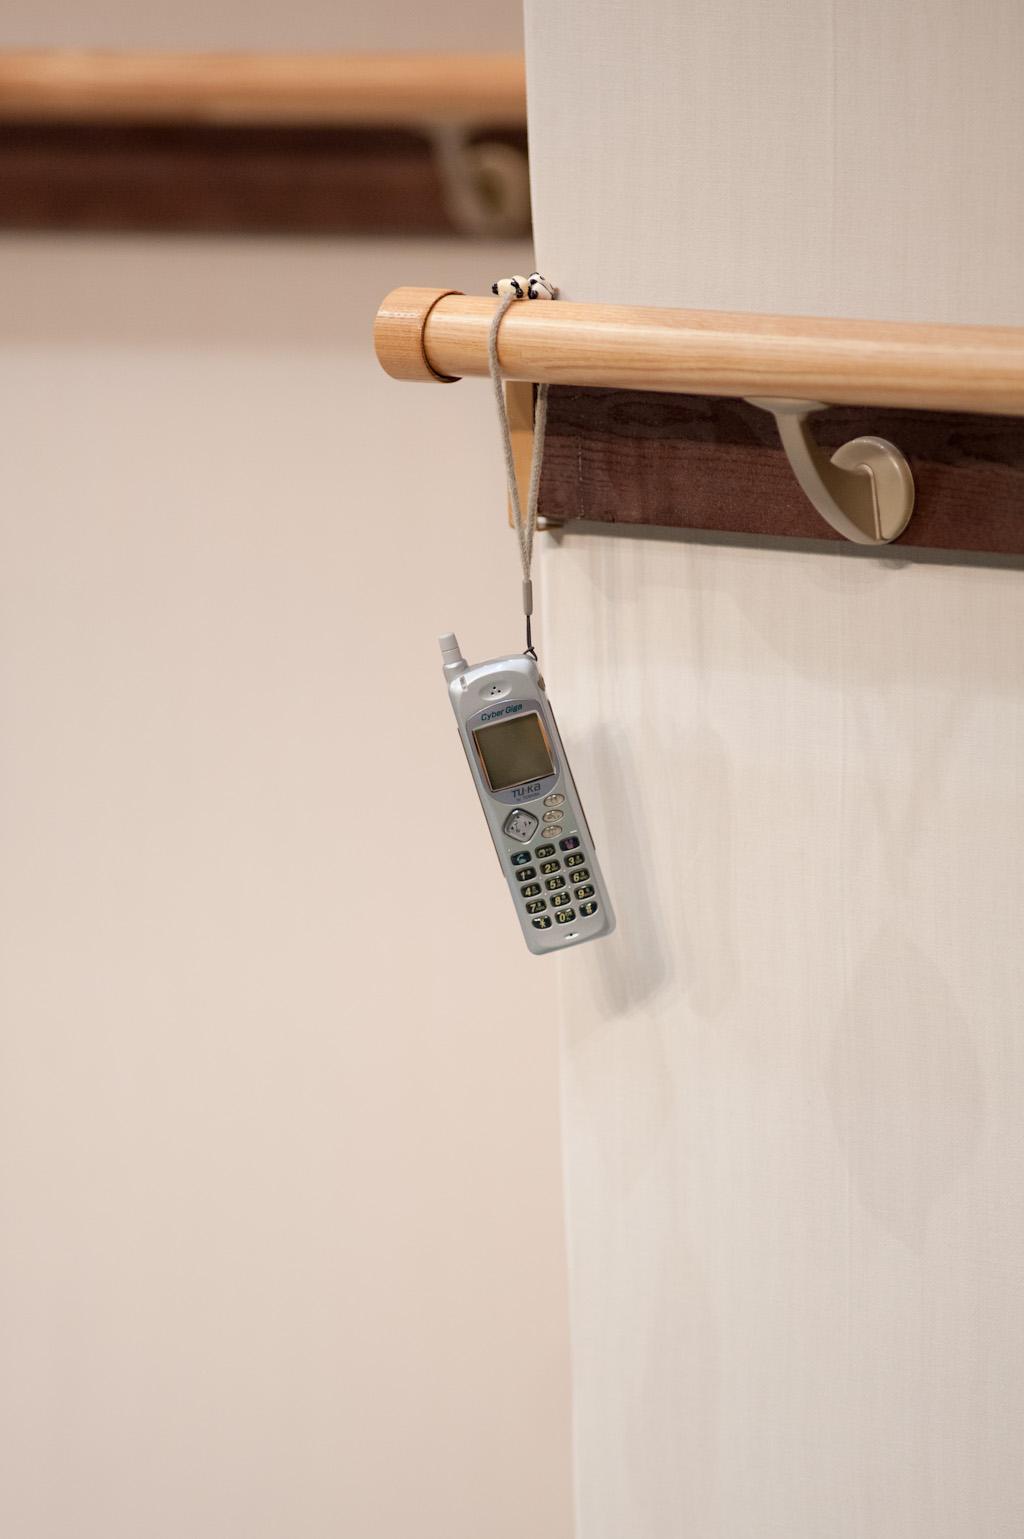 行方不明だった父親が手術しているという……  ん?携帯電話?